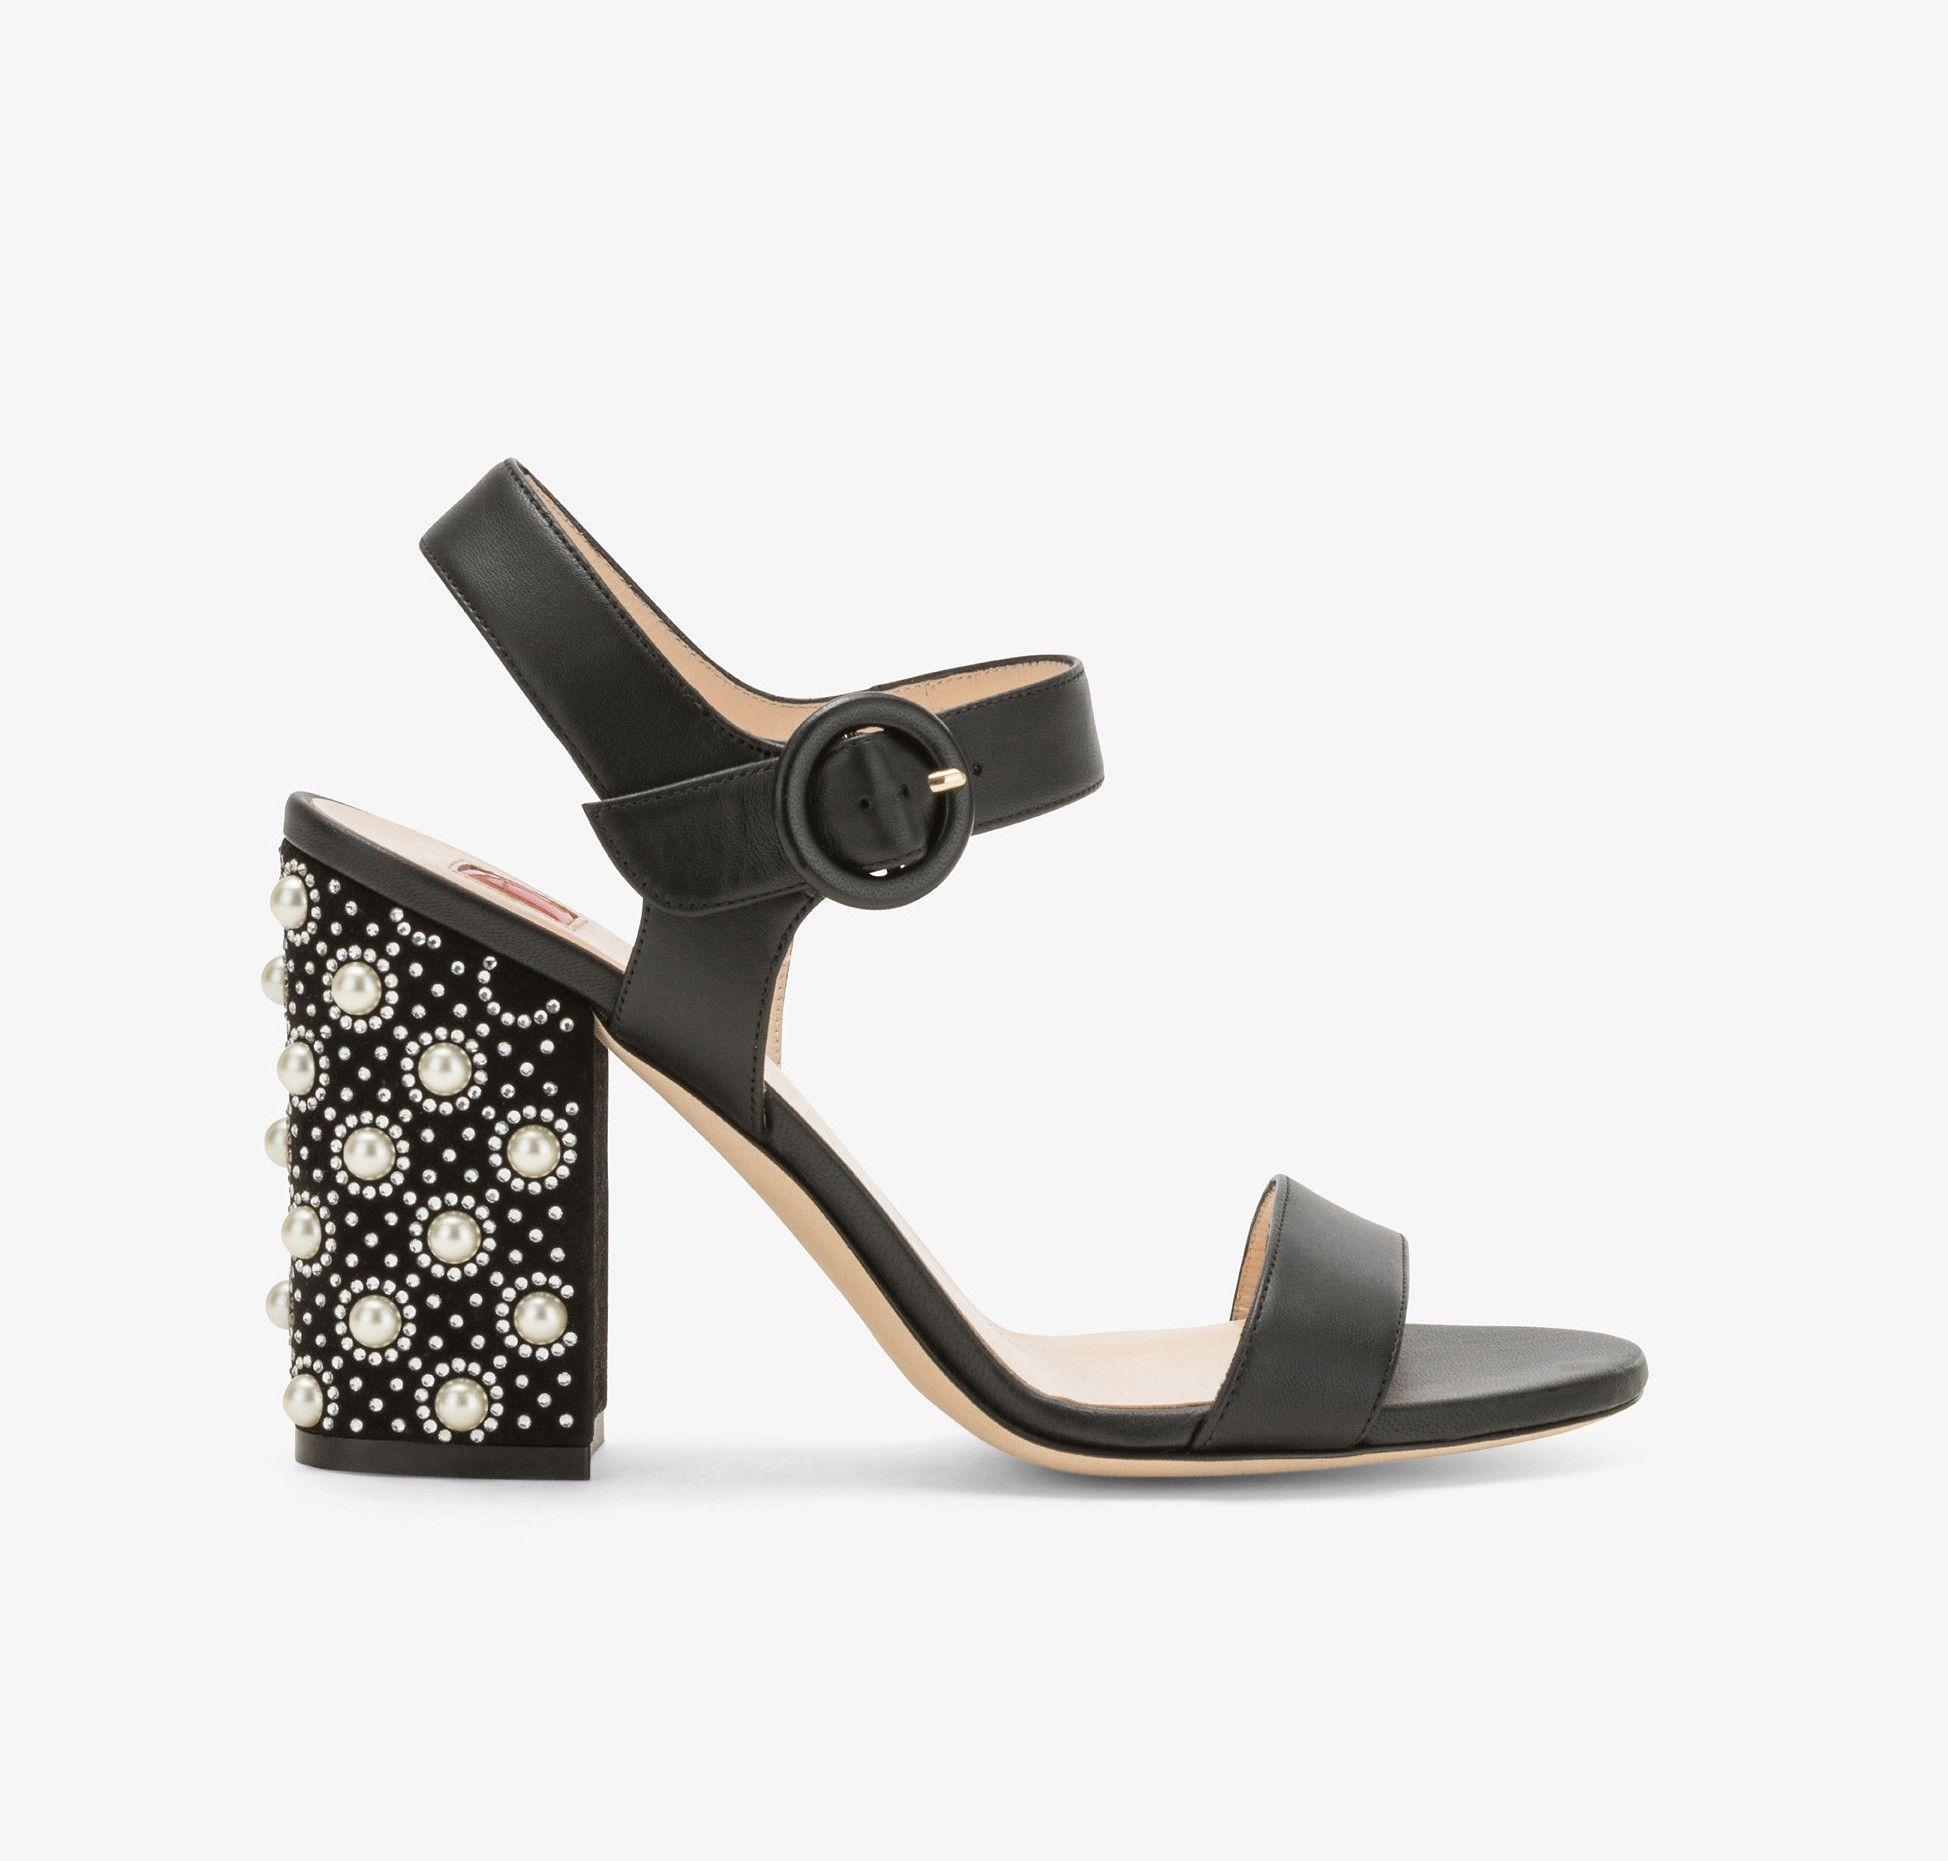 half off ae5eb 8955d sandali-gioiello-con-tacco-eleganti-estate-2018-ballin-1524313841.jpg